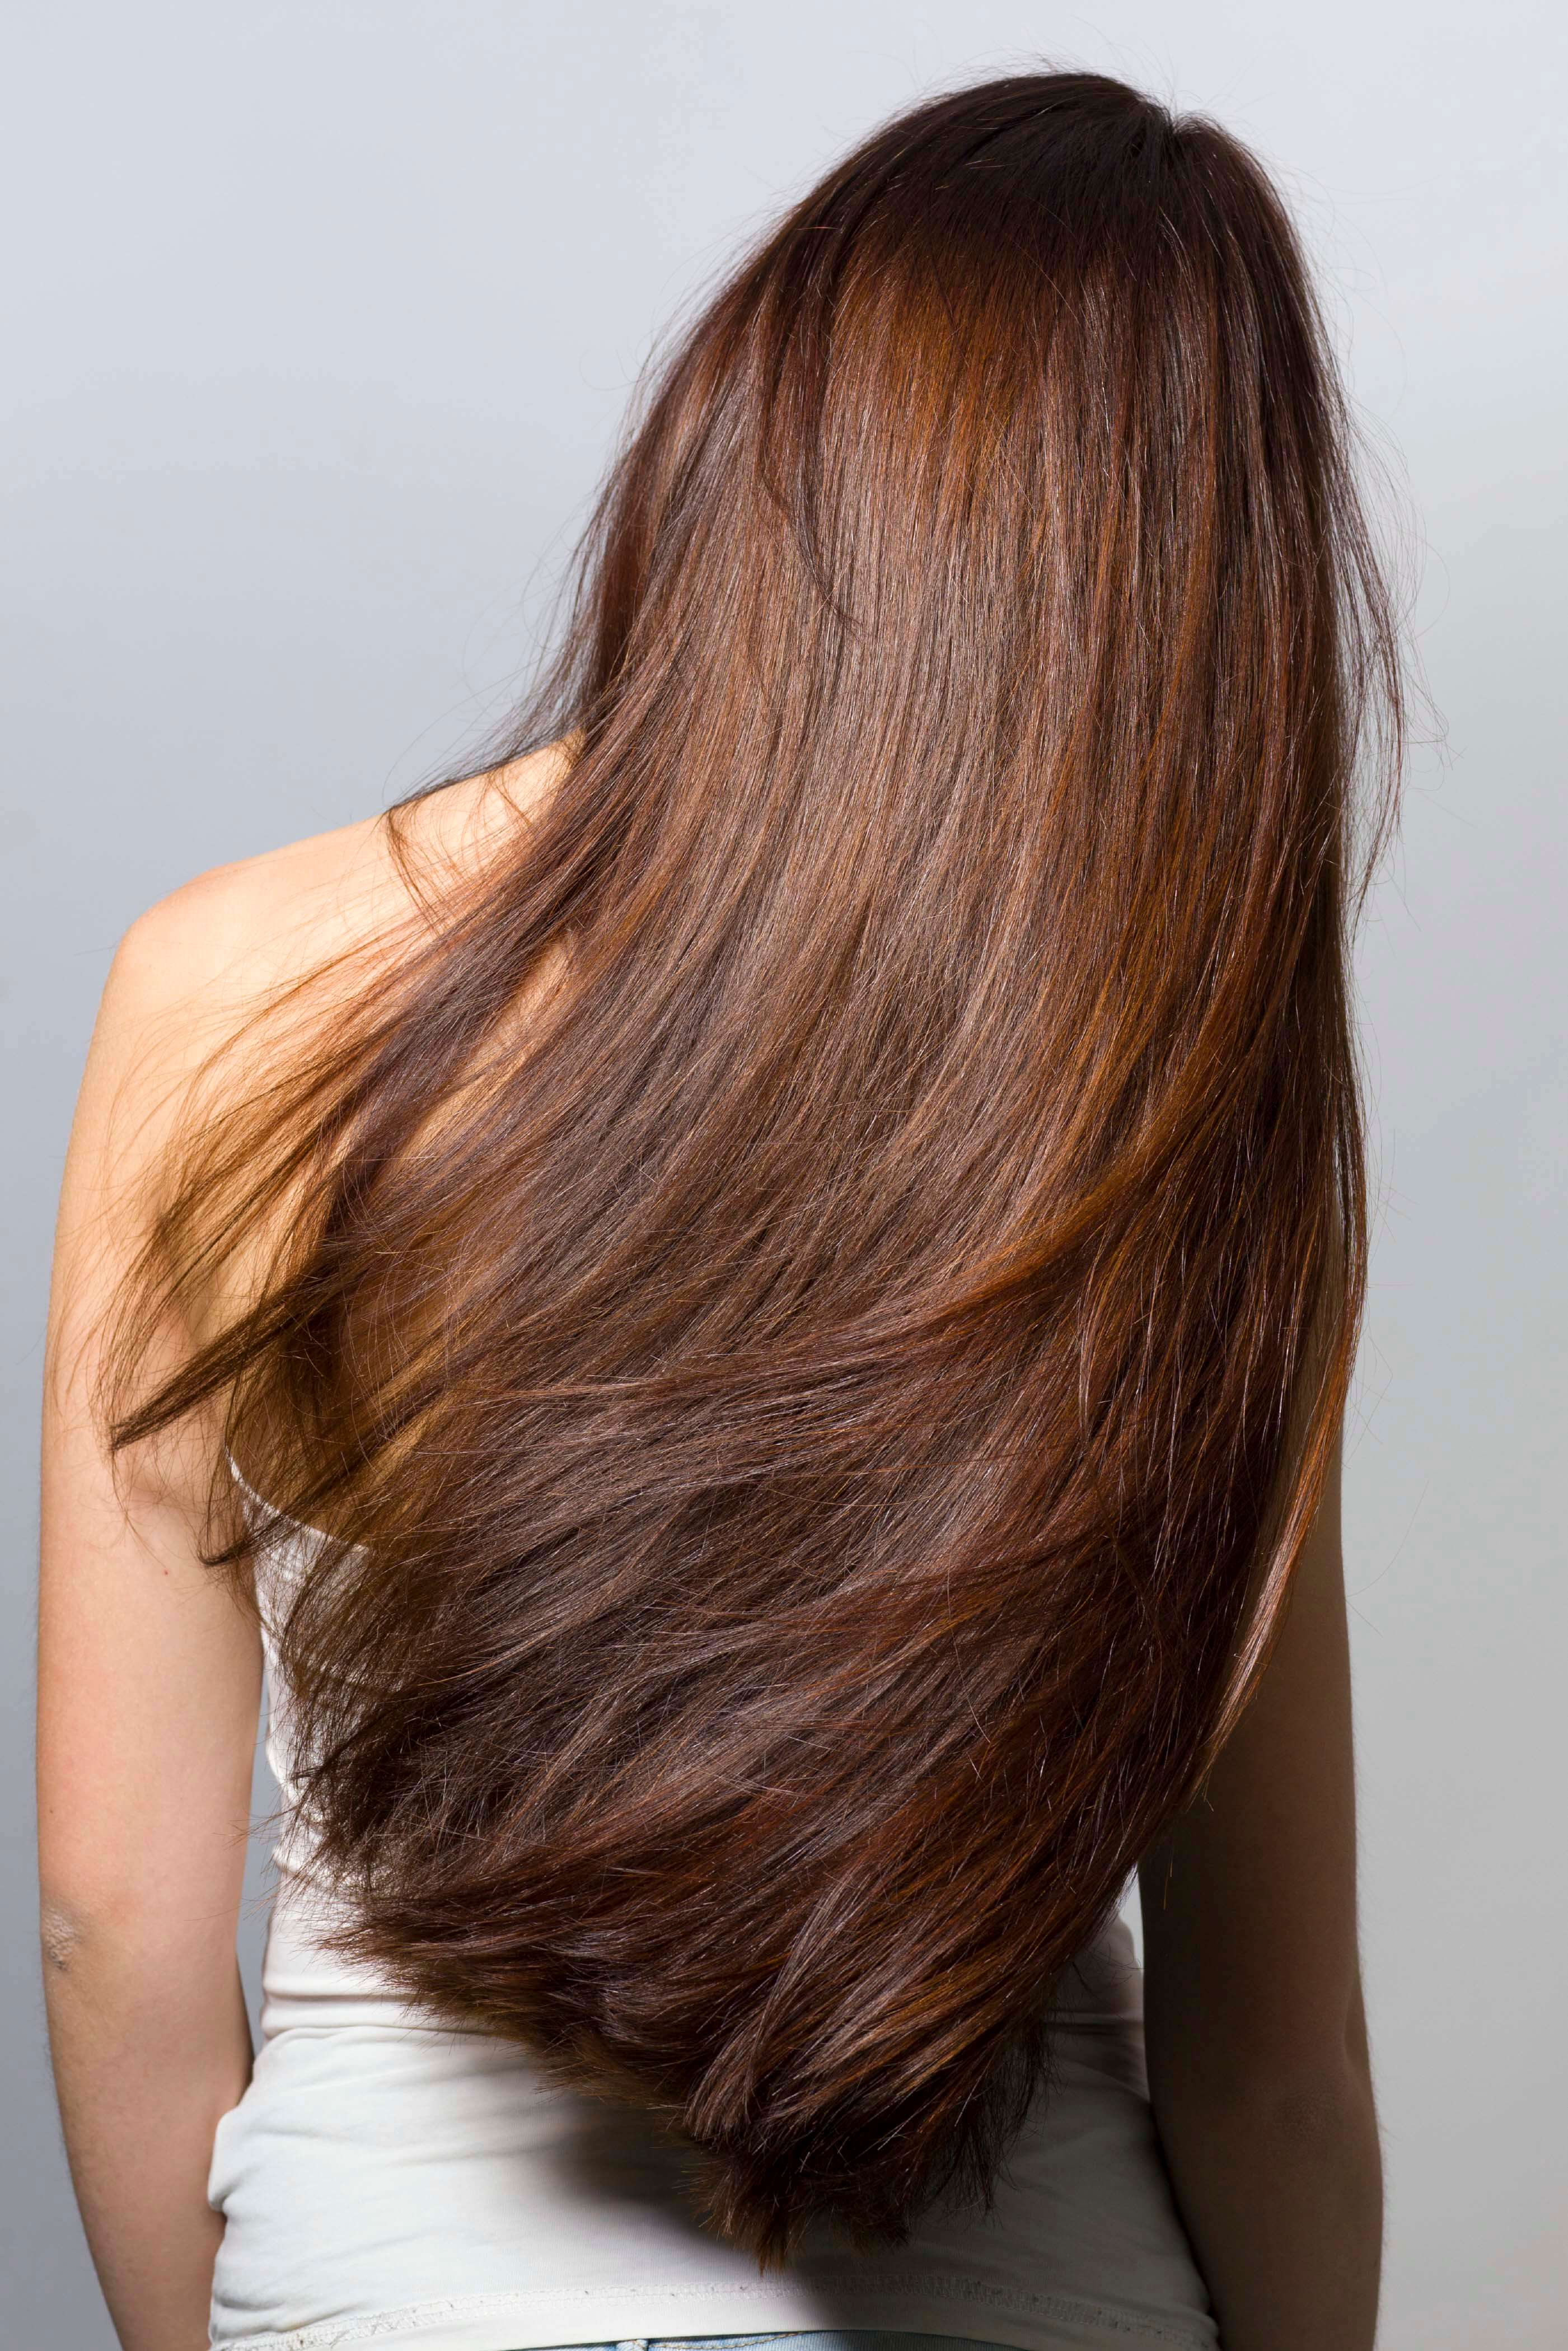 Фото красивых девушек сзади с темными волосами